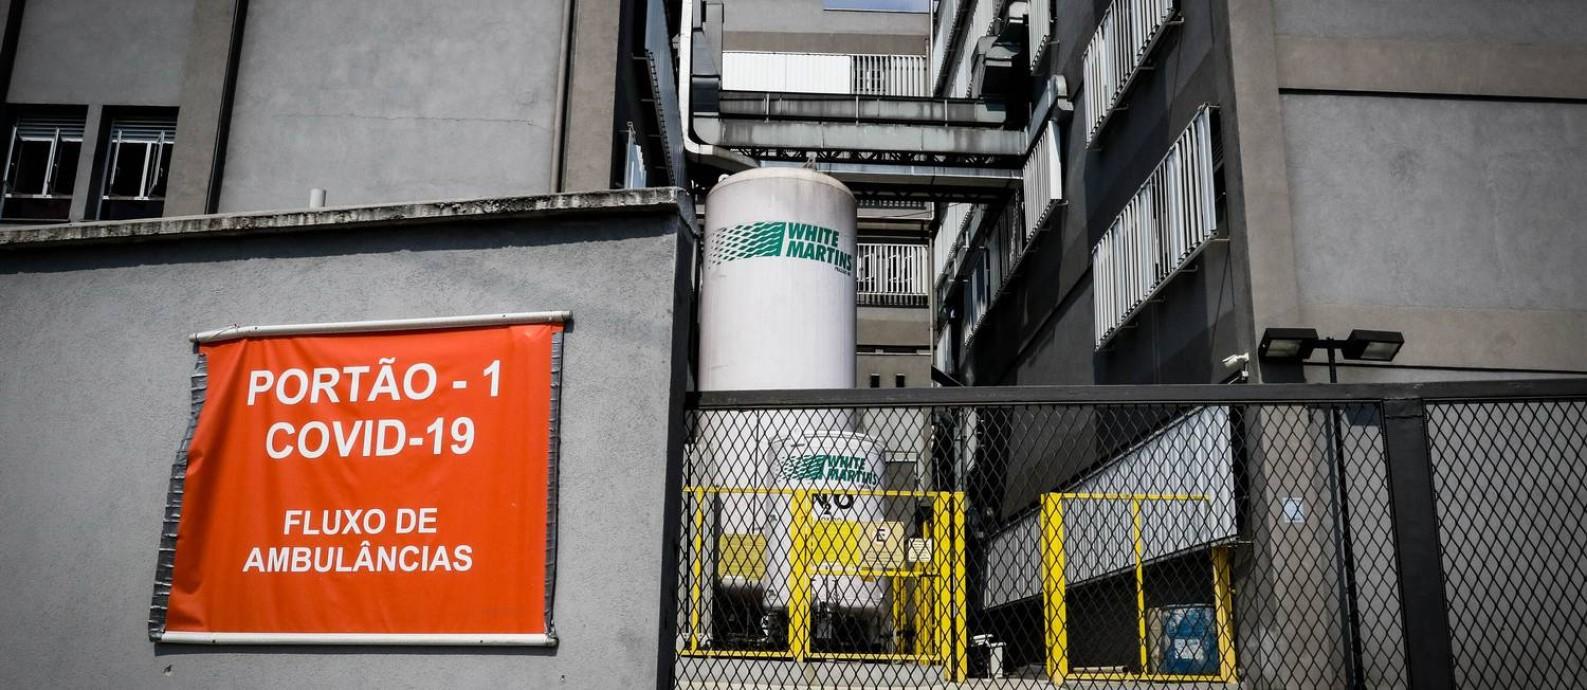 Uso de cilindros de oxigênio cresce com o aumento de internações de pacientes por Covid-19 Foto: Aloisio Mauricio/Fotoarena/Agência O Globo / Agência O Globo